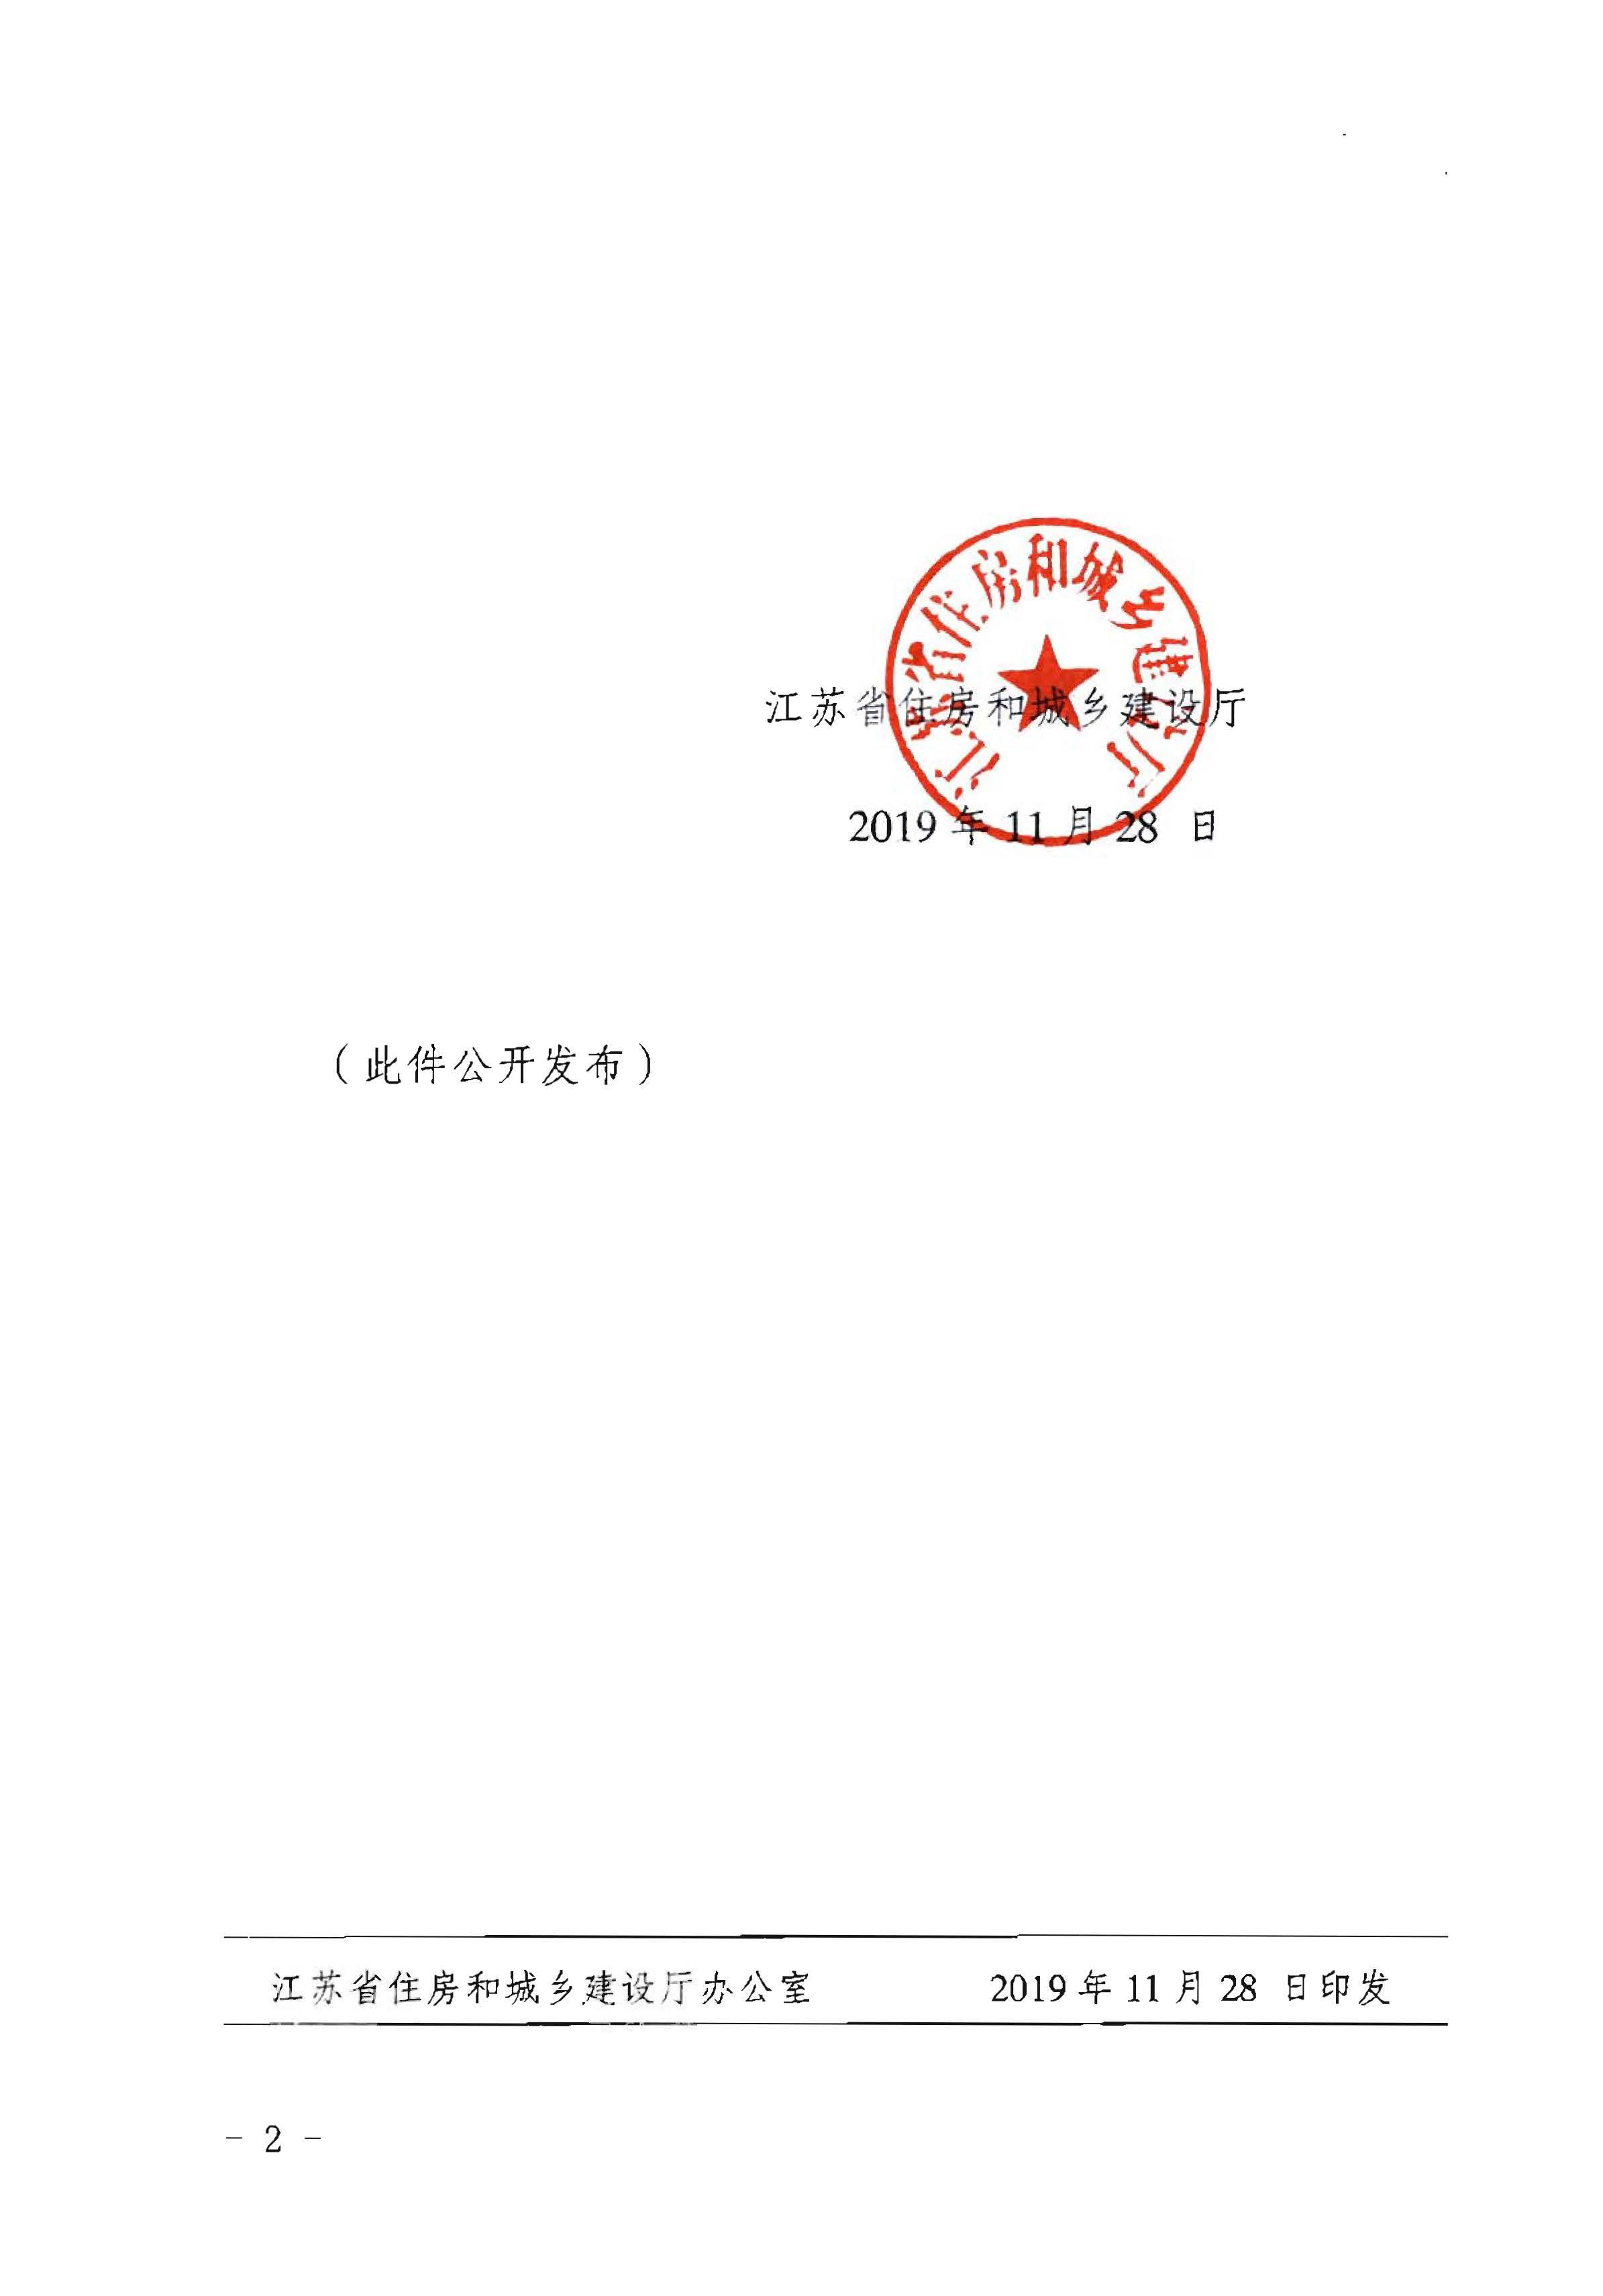 2019年省级工法名单编号324第14页_页面_02.jpg